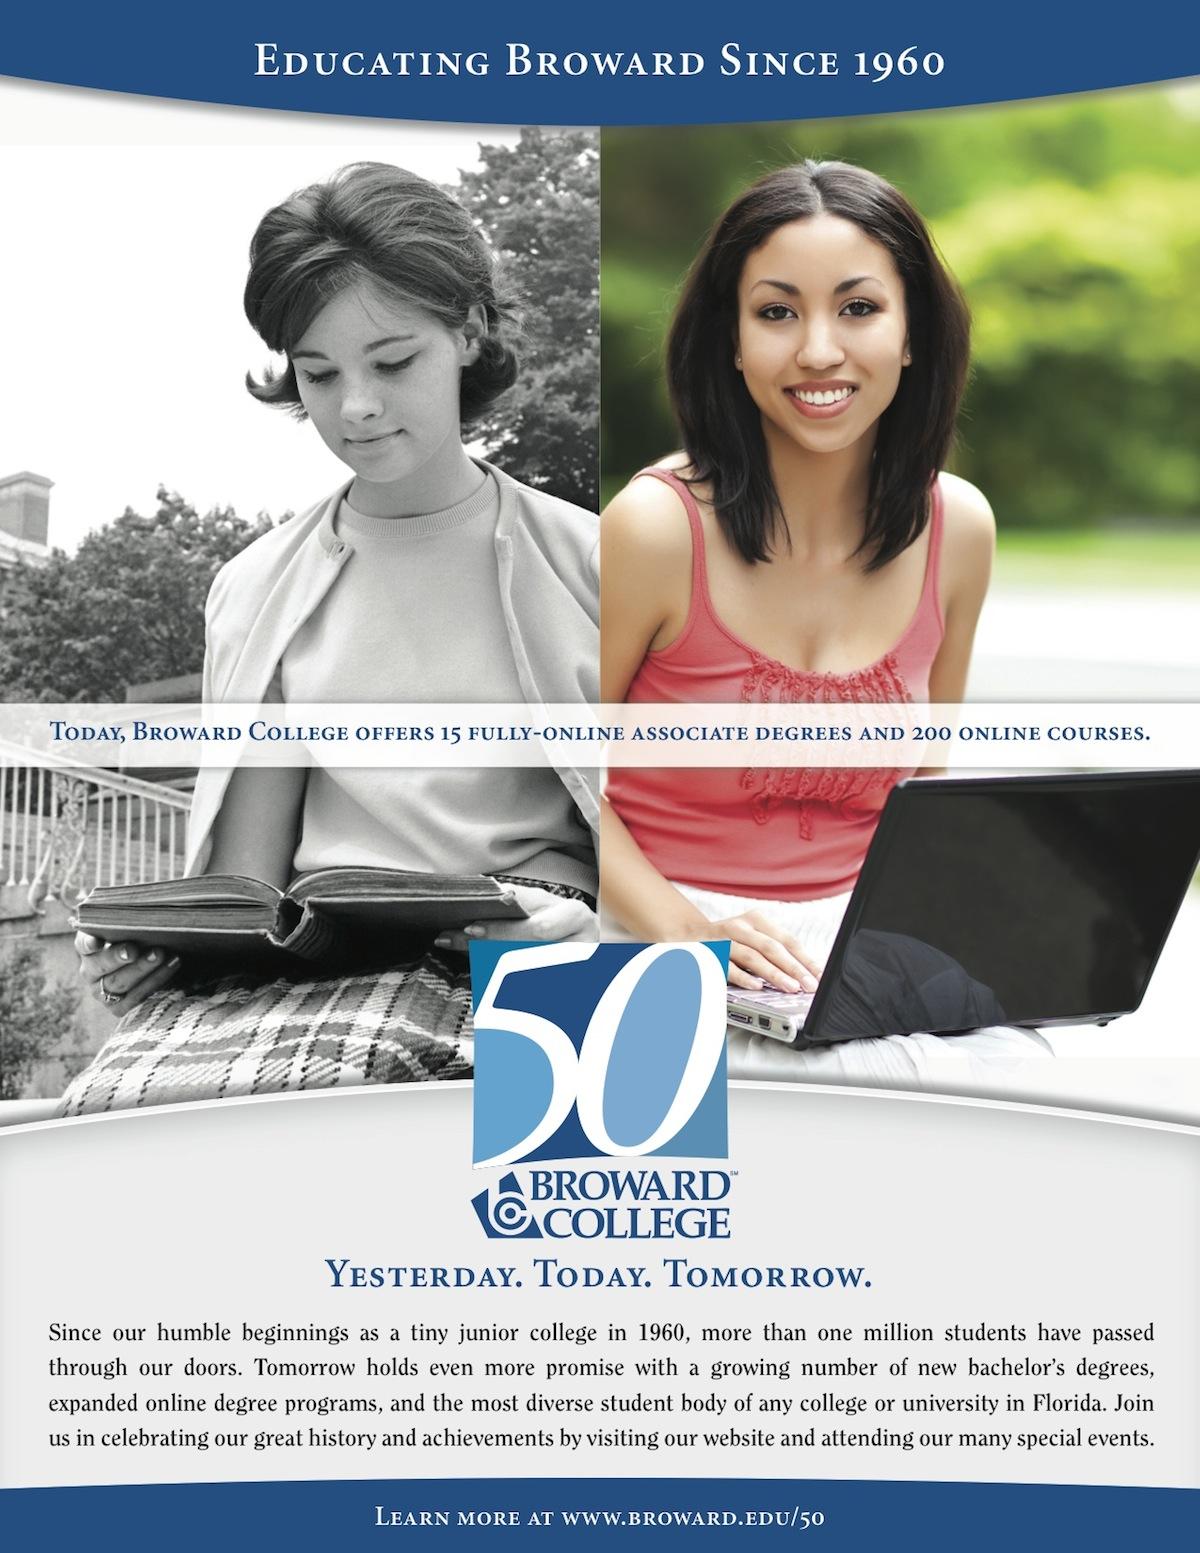 50th_Anniversary_AdCampaign